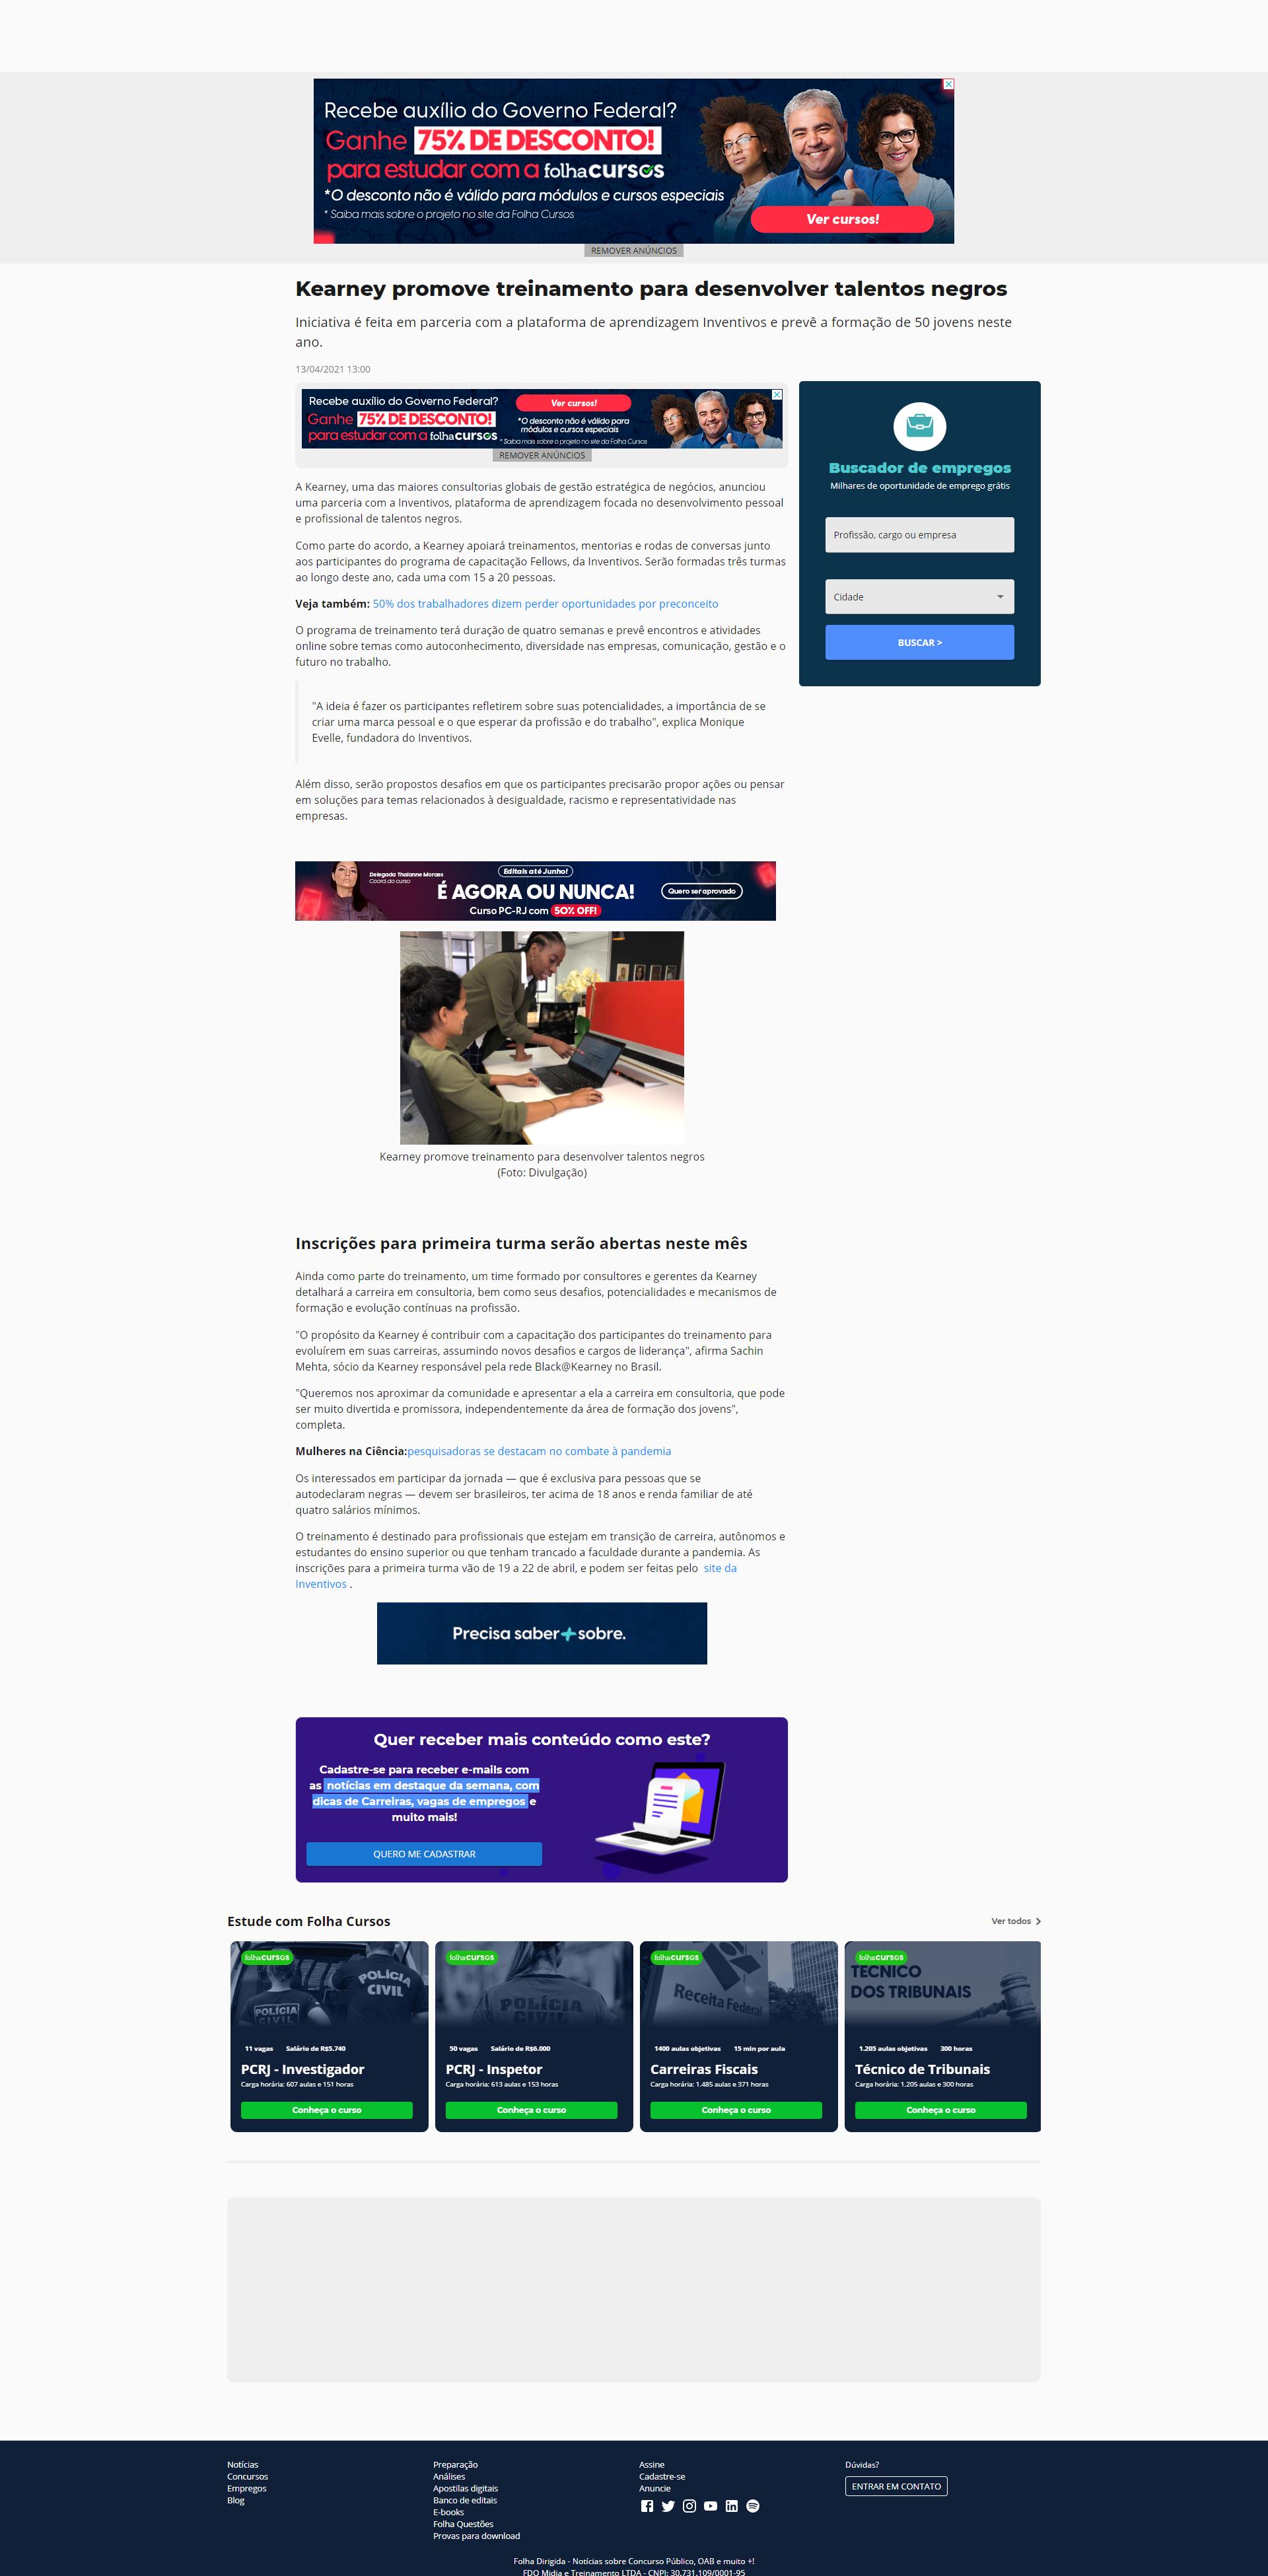 Kearney promove treinamento para desenvolver talentos negros - Folha Dirigida Online